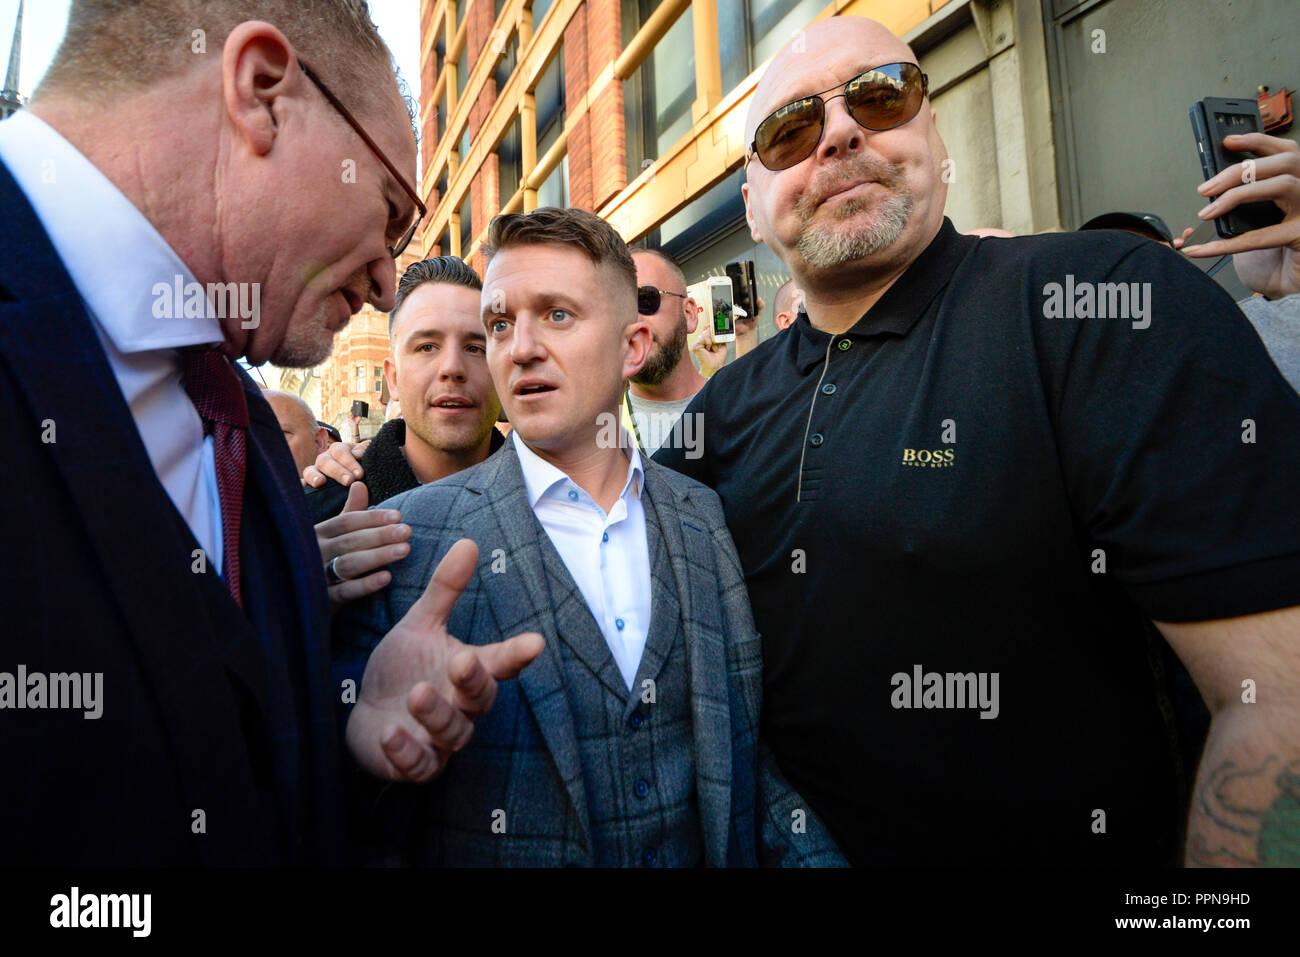 Stephen Yaxley Lennon, Tommy Robinson, erschien in der Zentralen Strafgerichtshof, Old Bailey, warf der Missachtung des Gerichts. Die Studie hat den Fokus seiner Anhänger und antifaschistischen und antirassistischen Gruppen, die bewiesen außerhalb werden Stockbild